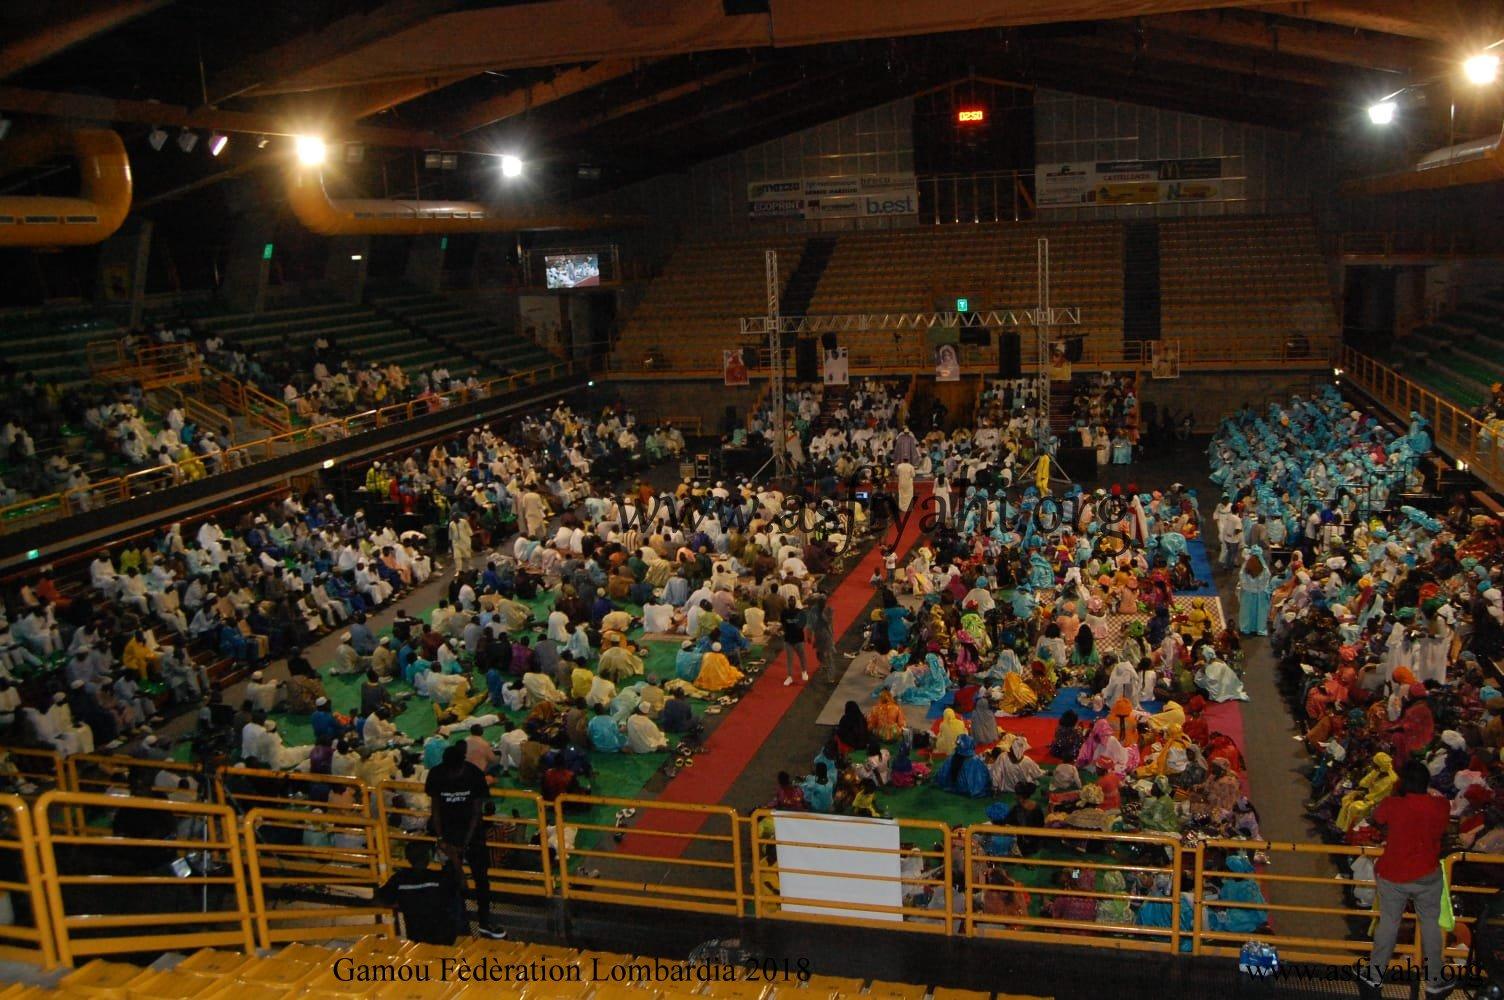 PHOTO - ITALIE - BRESCIA : Gamou Clôture tournée Italienne du Khalif Général des Tidianes Serigne Mbaye SY Mansour